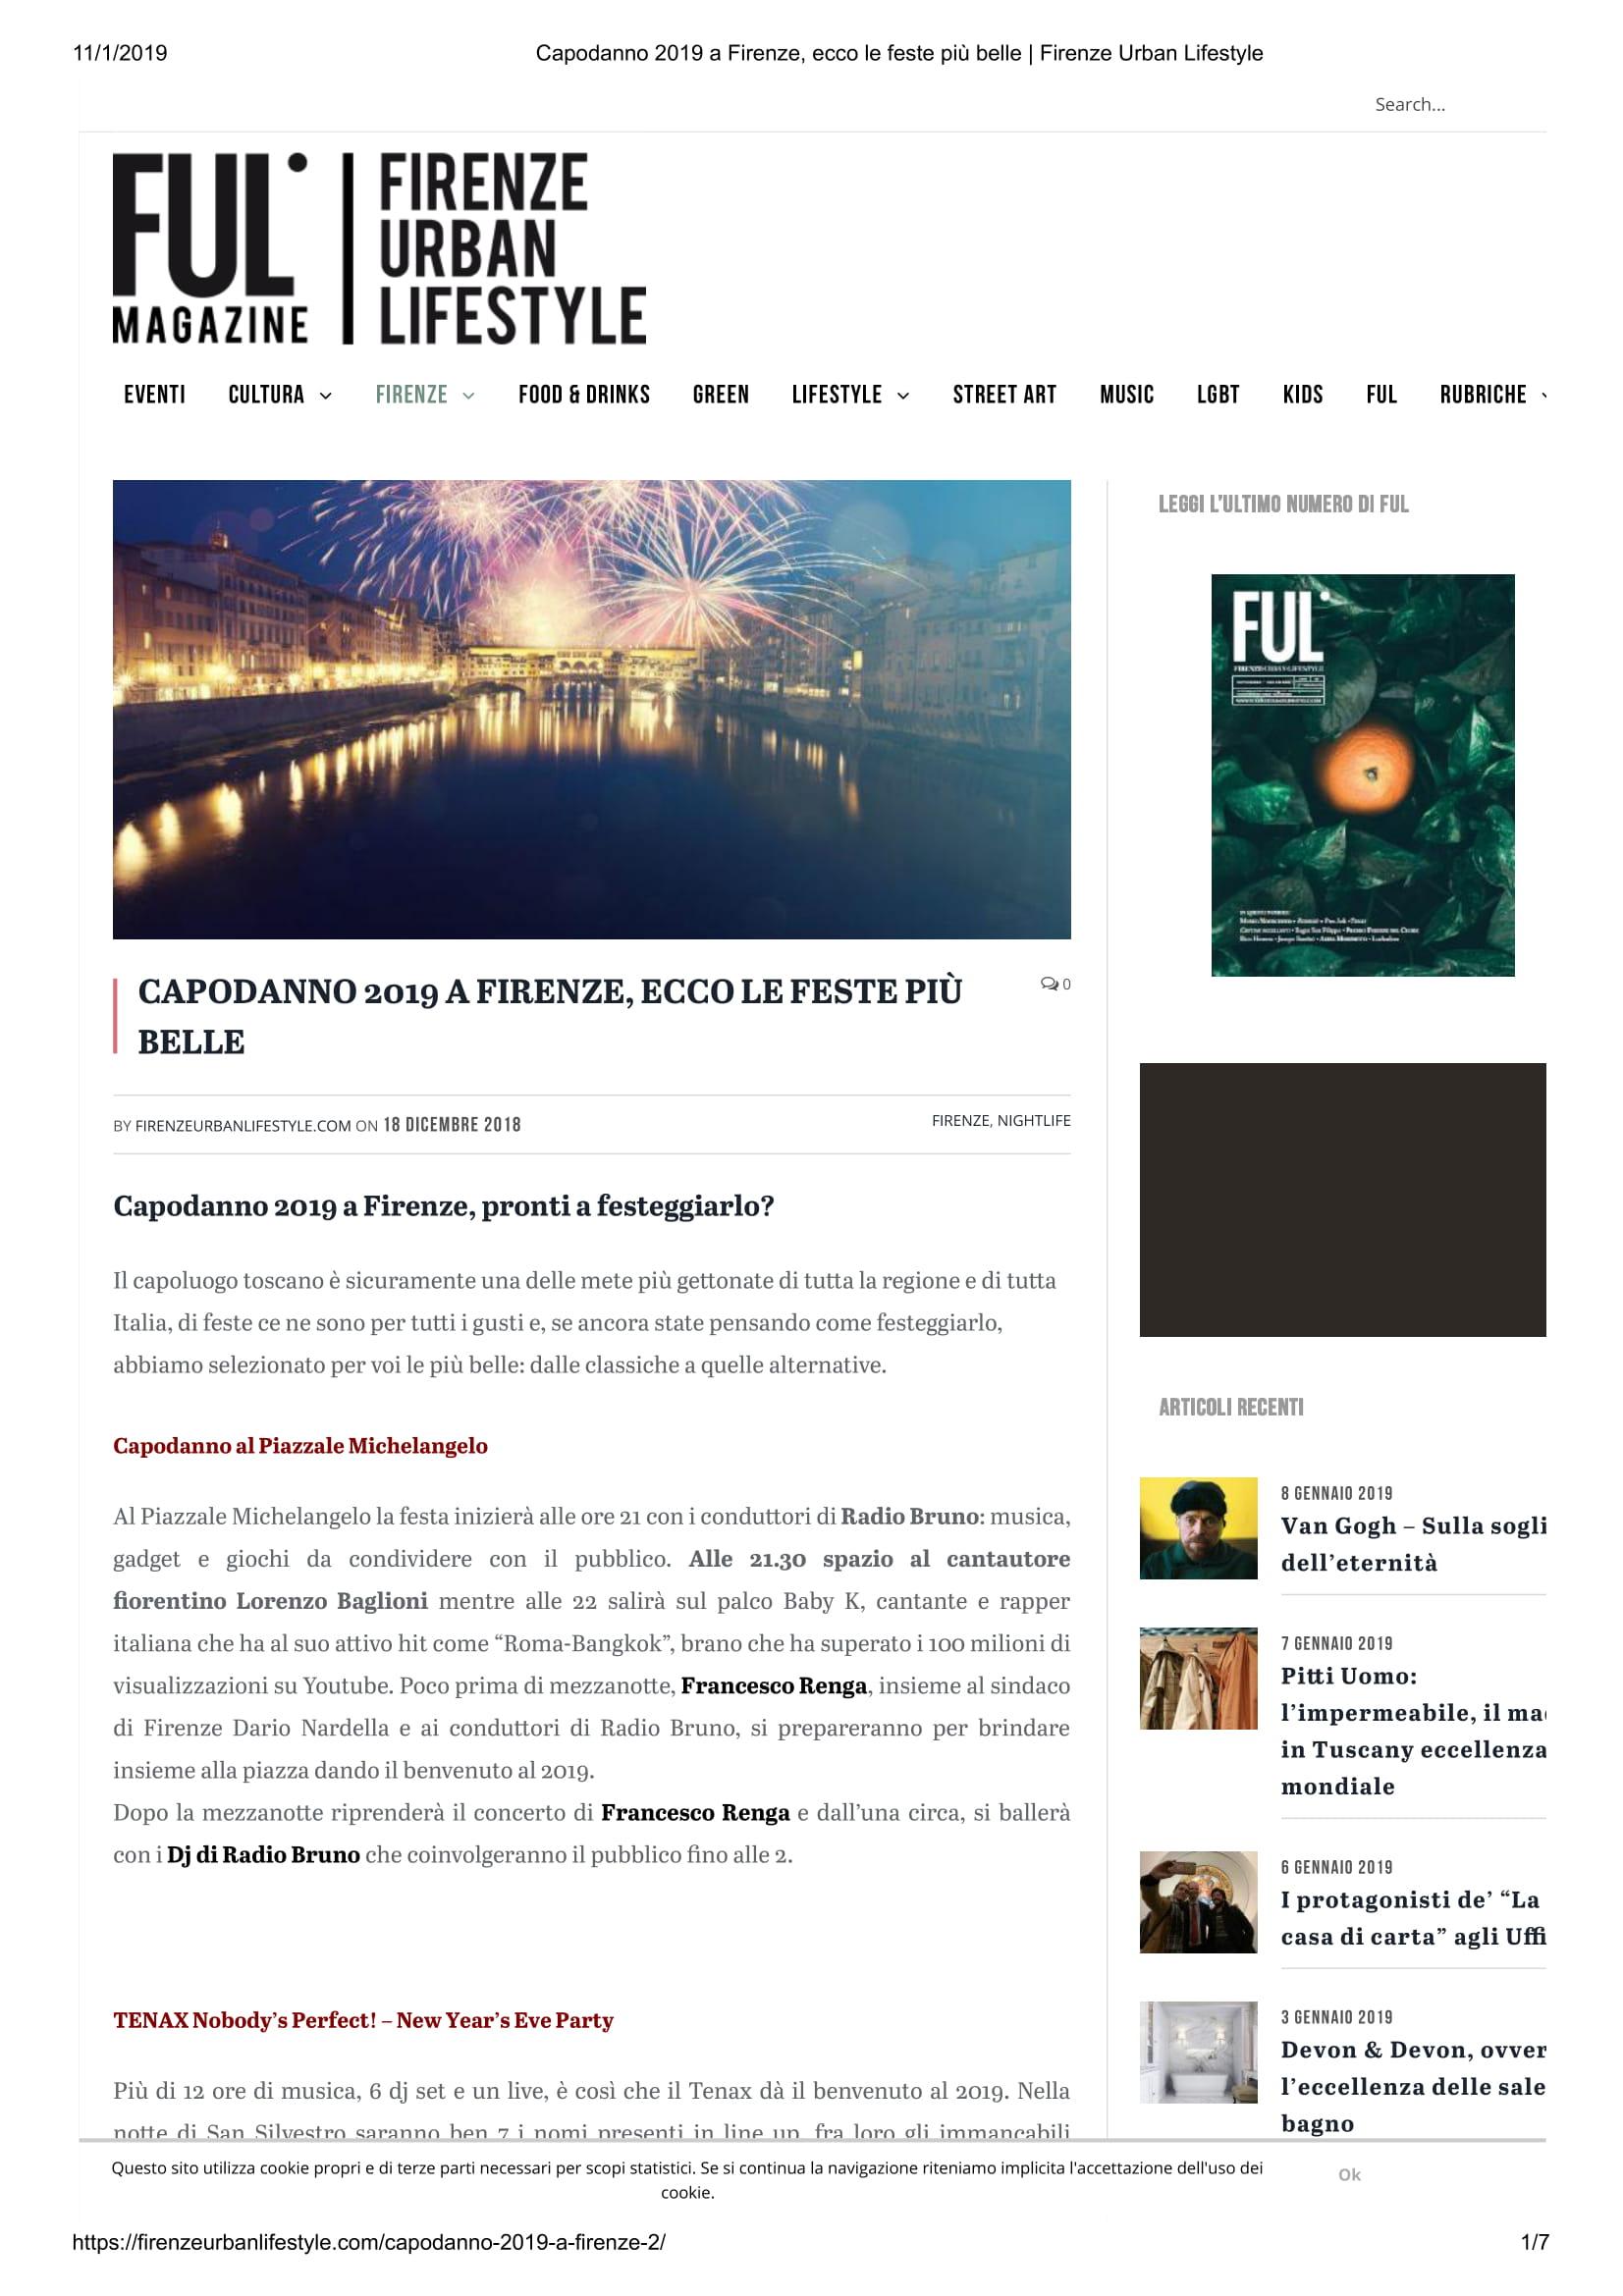 Capodanno 2019 a Firenze, ecco le feste più belle _ Firenze Urban Lifestyle-1